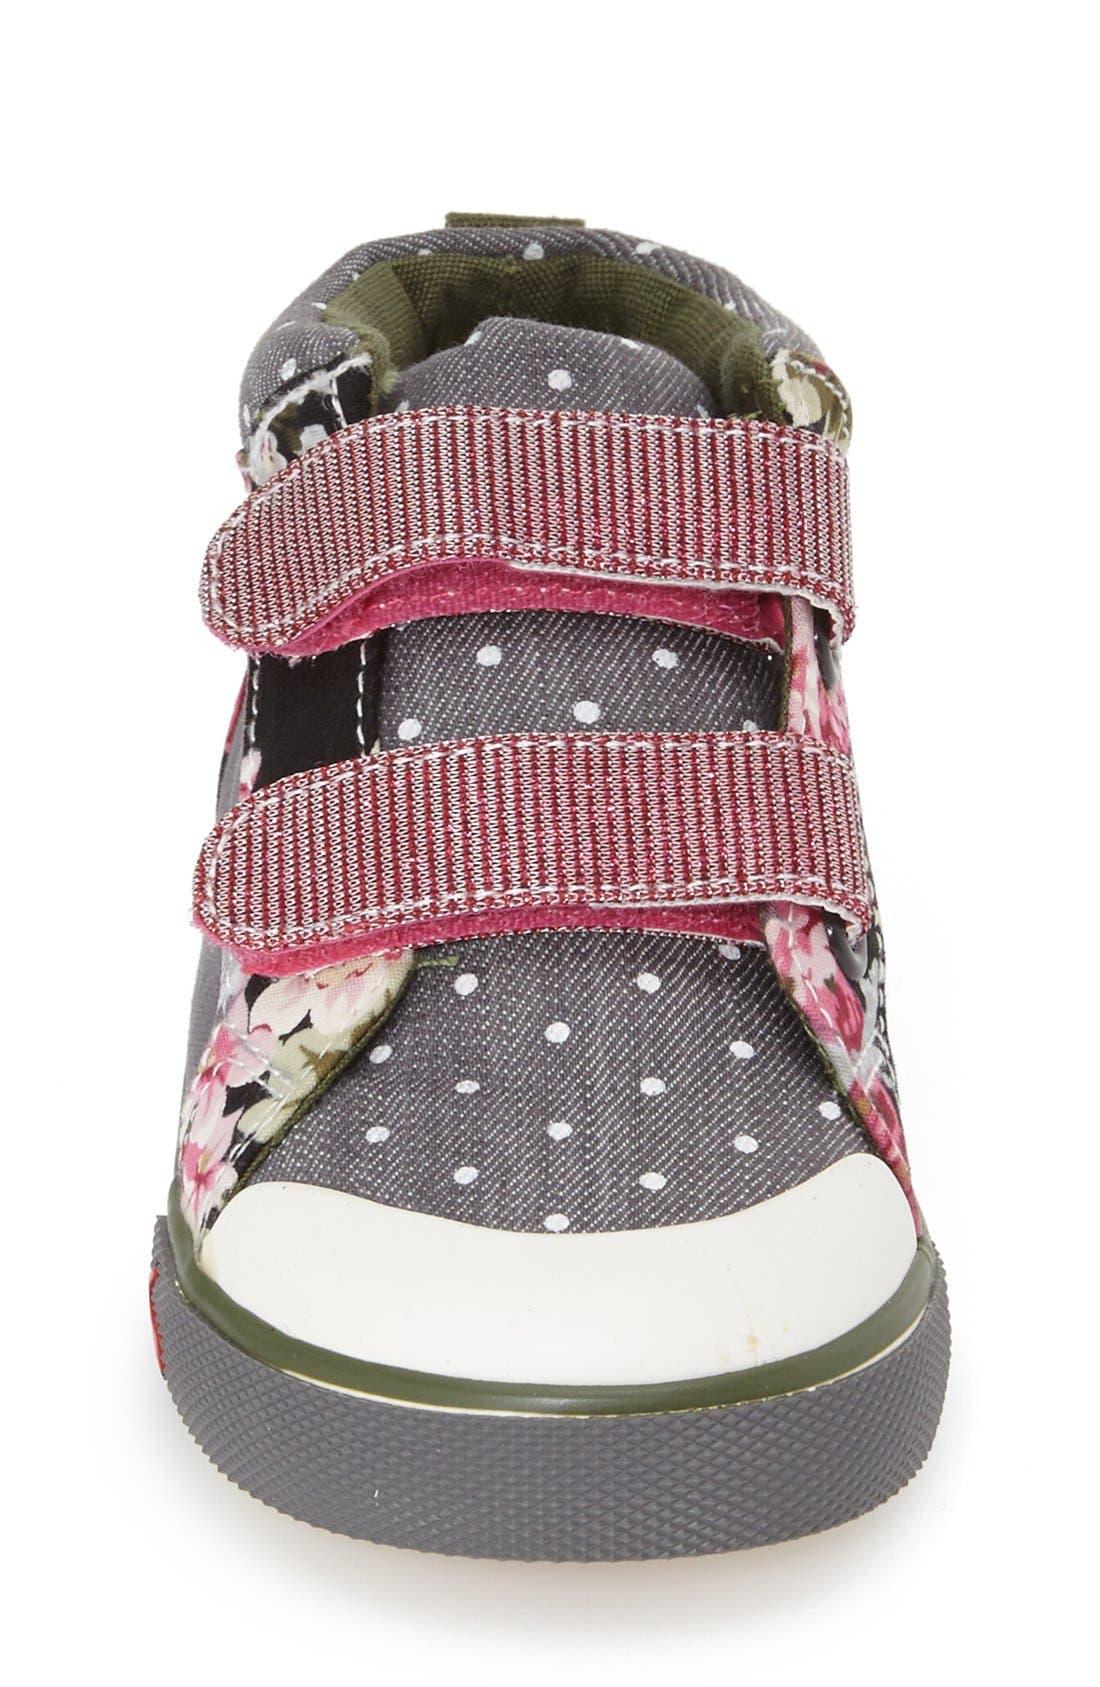 'Kya' High TopSneaker,                             Alternate thumbnail 2, color,                             020